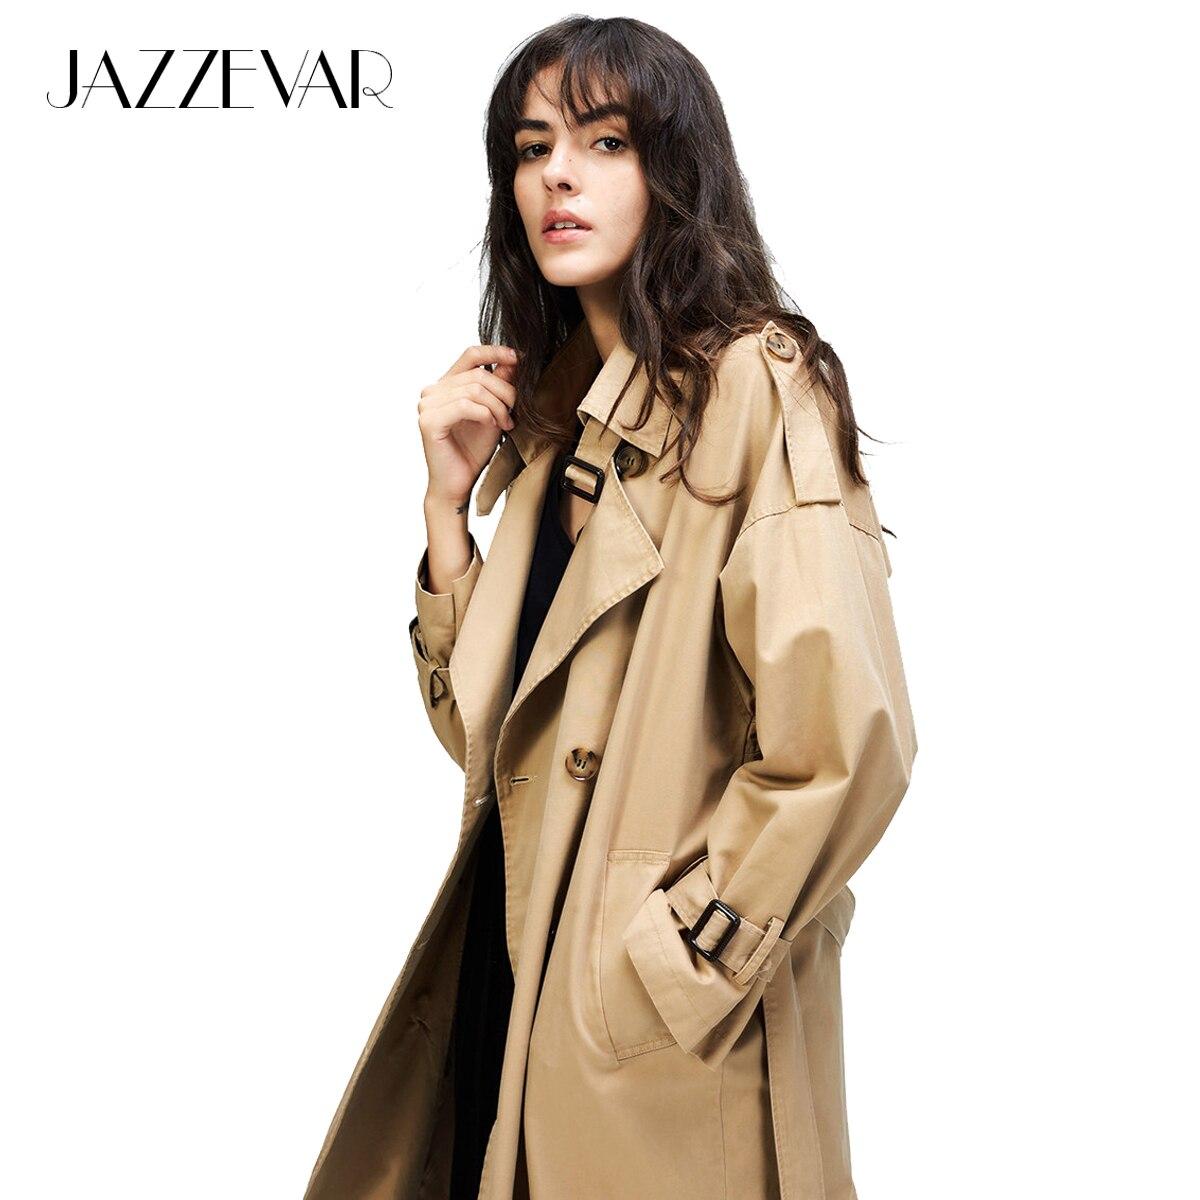 JAZZEVAR 2018 Automne Nouveau Femmes casual trench coat manteau surdimensionné à Double Boutonnage Cru Lavé Outwear Lâche Vêtements